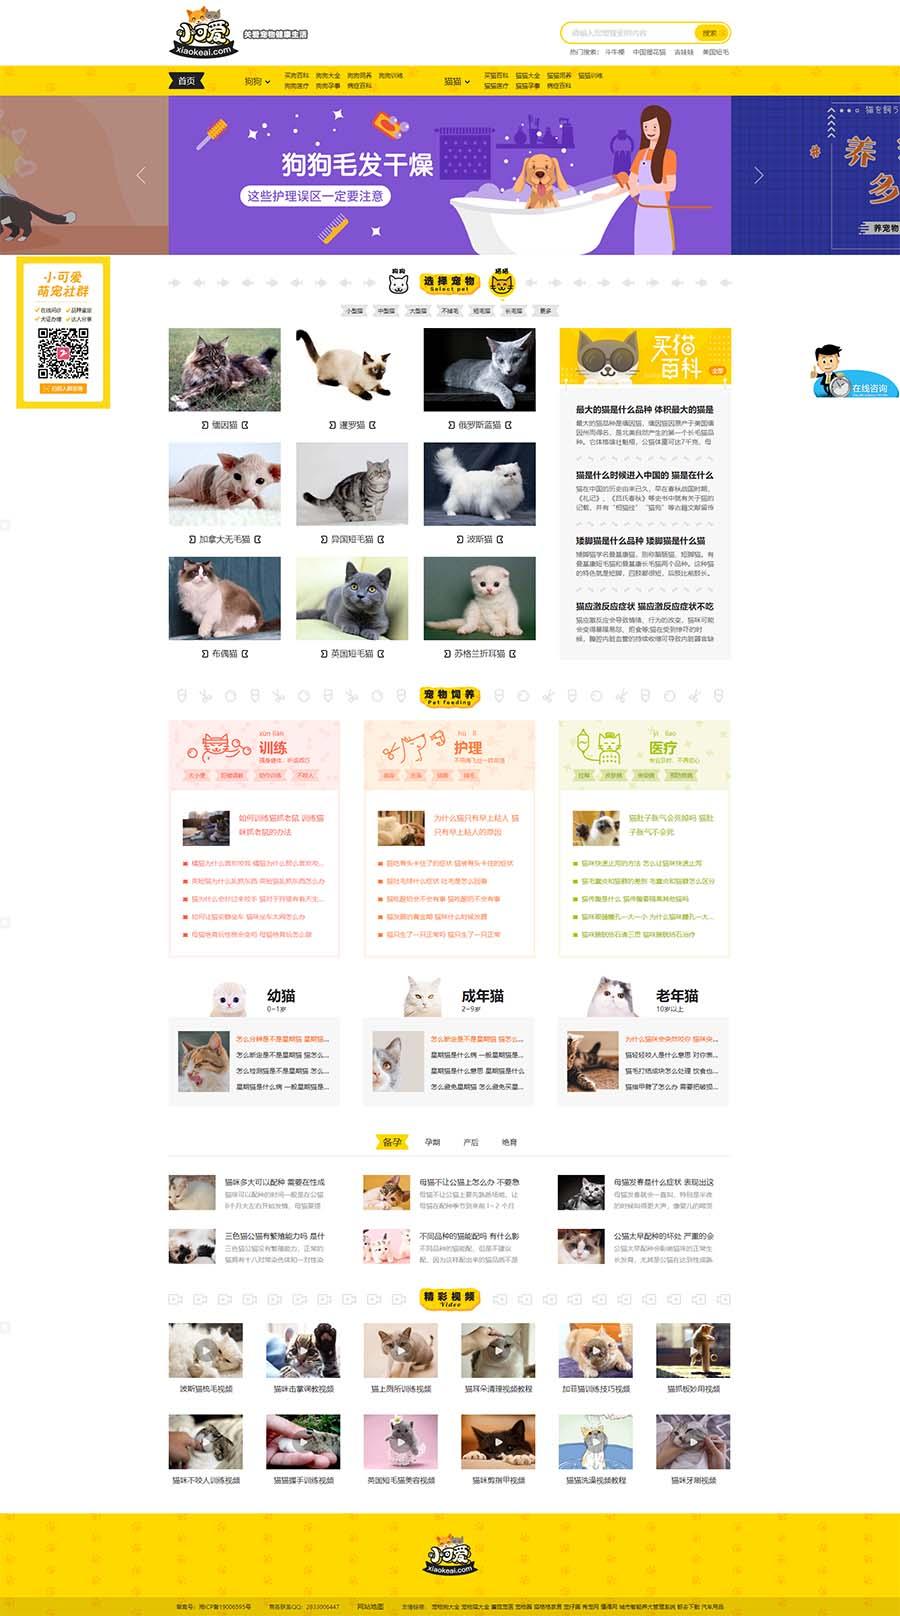 帝国cms仿小可爱宠物网完整源码,专业宠物资讯平台源码下载 -图1